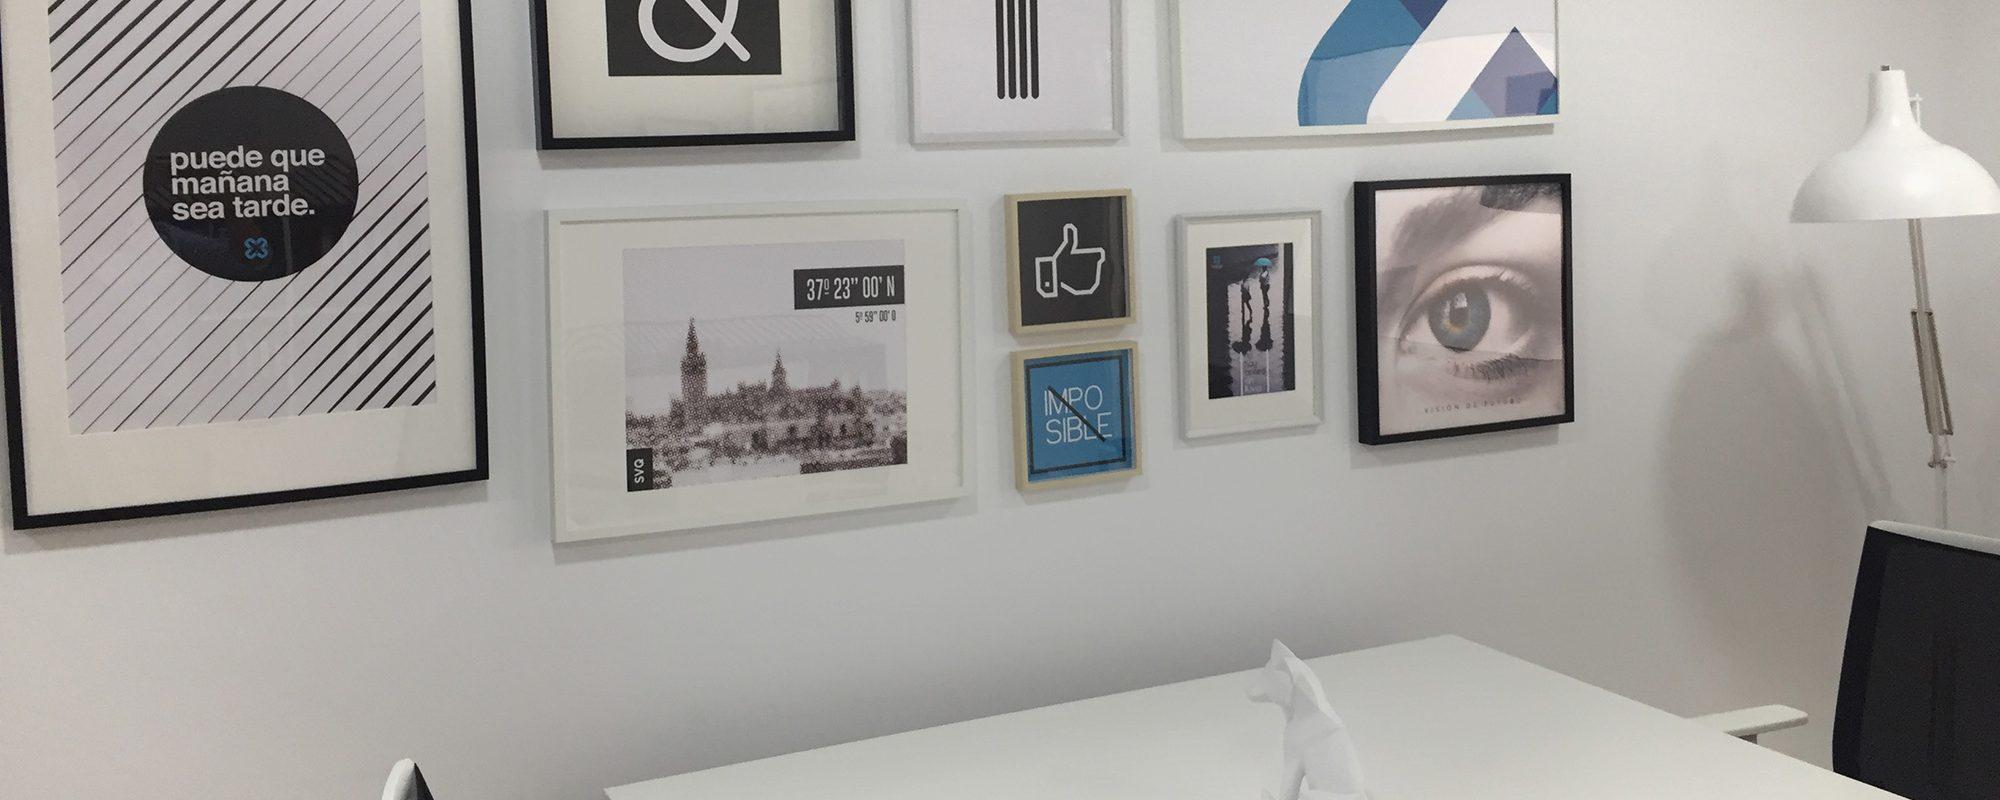 LINK & GO, S.L nace en 2013 fruto de la unión de profesionales y empresas, procedentes del sector inmobiliario (comercial, industrial y residencial-turístico), con más de 20 años de experiencia.